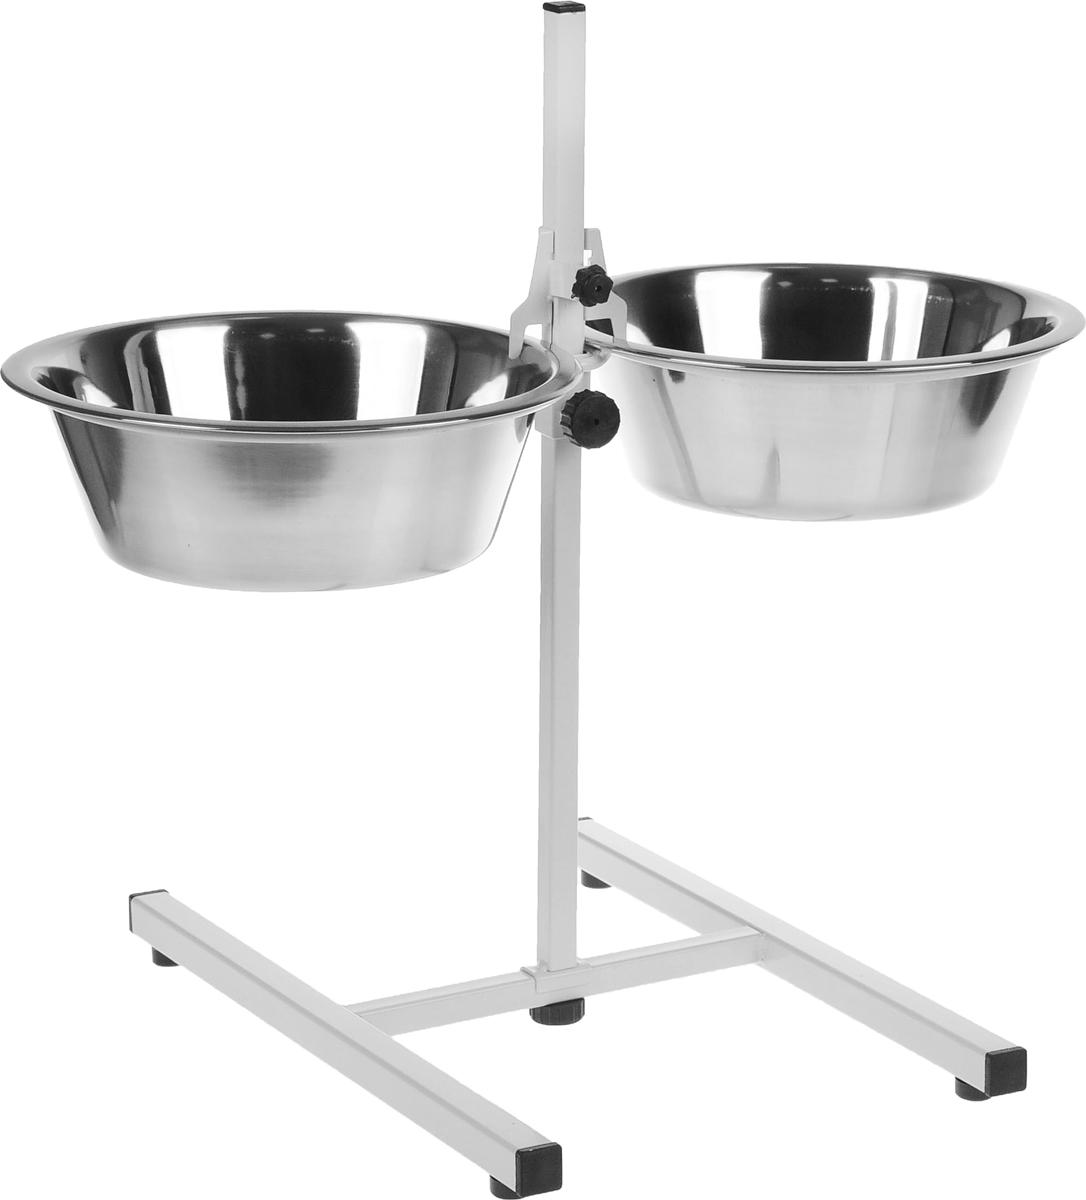 Подставка для кормления животных  Мухтар-3 , 2 х 4 л - Аксессуары для кормления